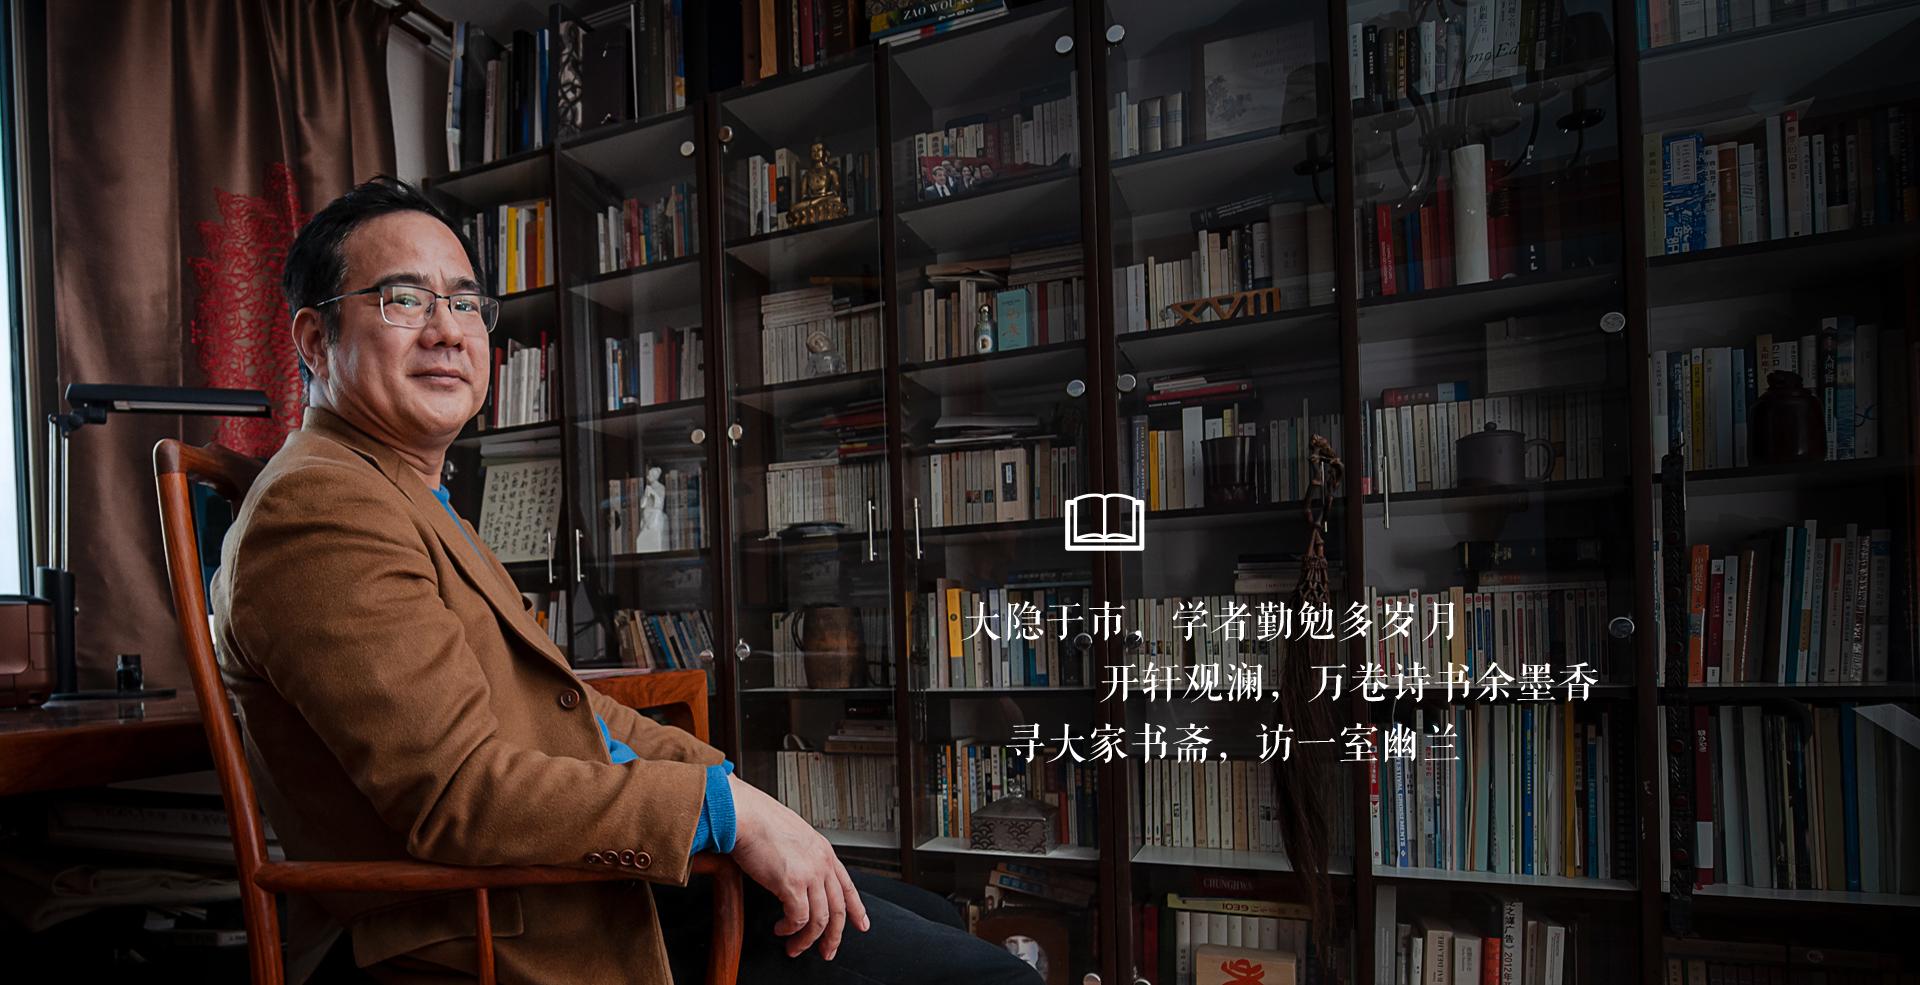 北大学者书房|董强:要阅读无形之书,阅读世界